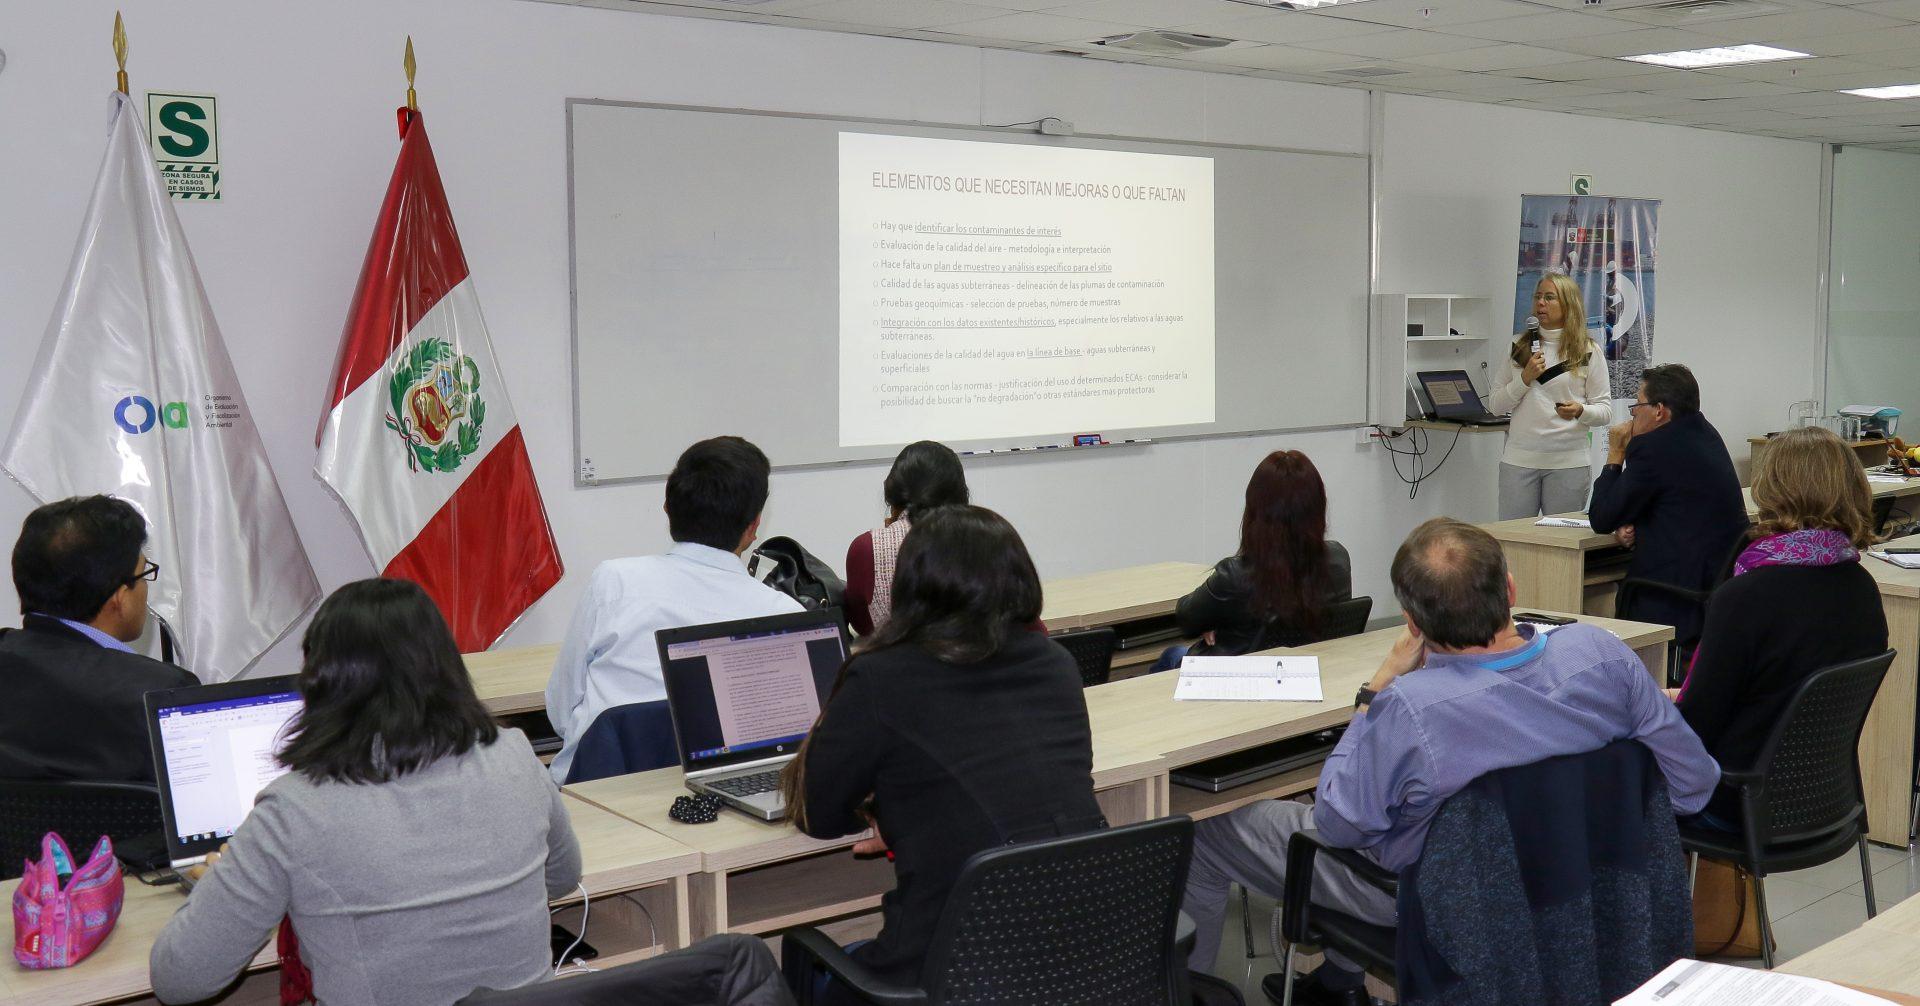 Modelo educativo del OEFA para el fortalecimiento de capacidades en fiscalización ambiental fue aprobado en el II Congreso Iberoamericano de Docentes